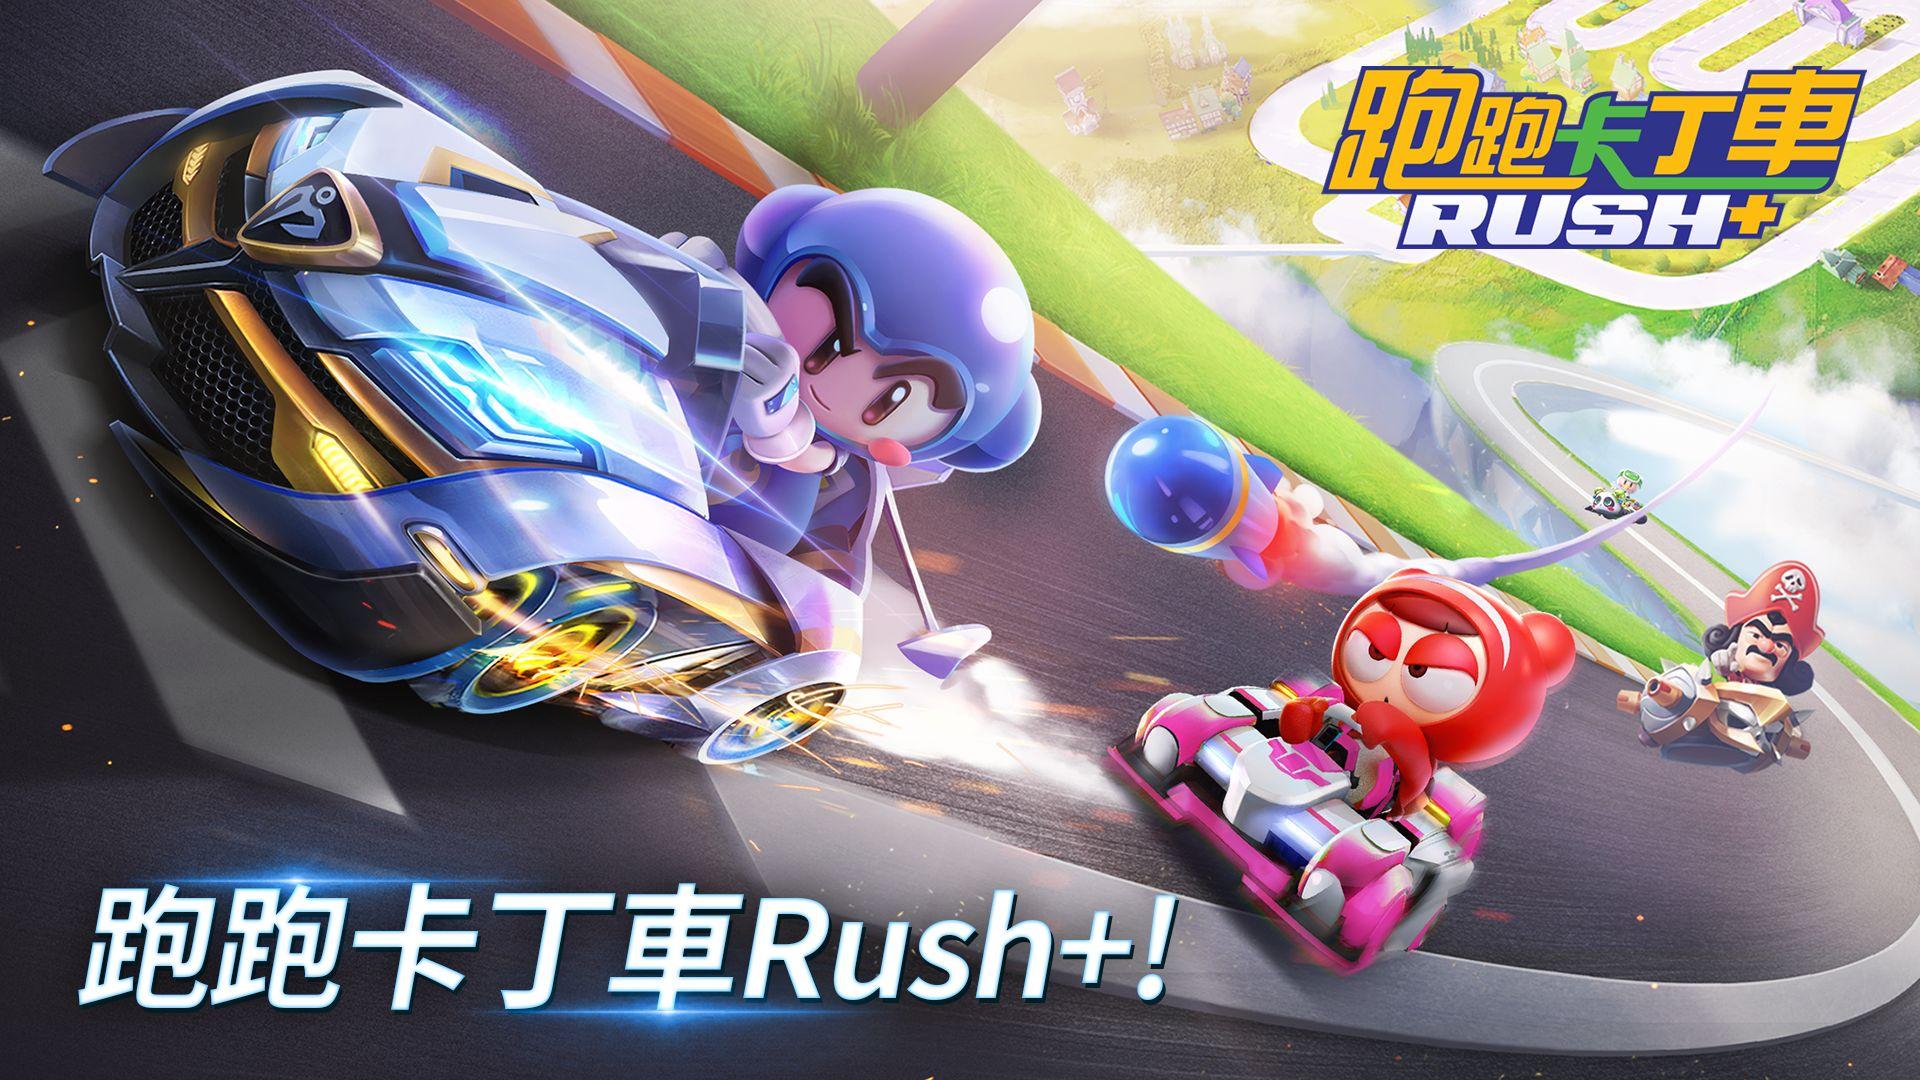 跑跑卡丁车 Rush+ 游戏截图1